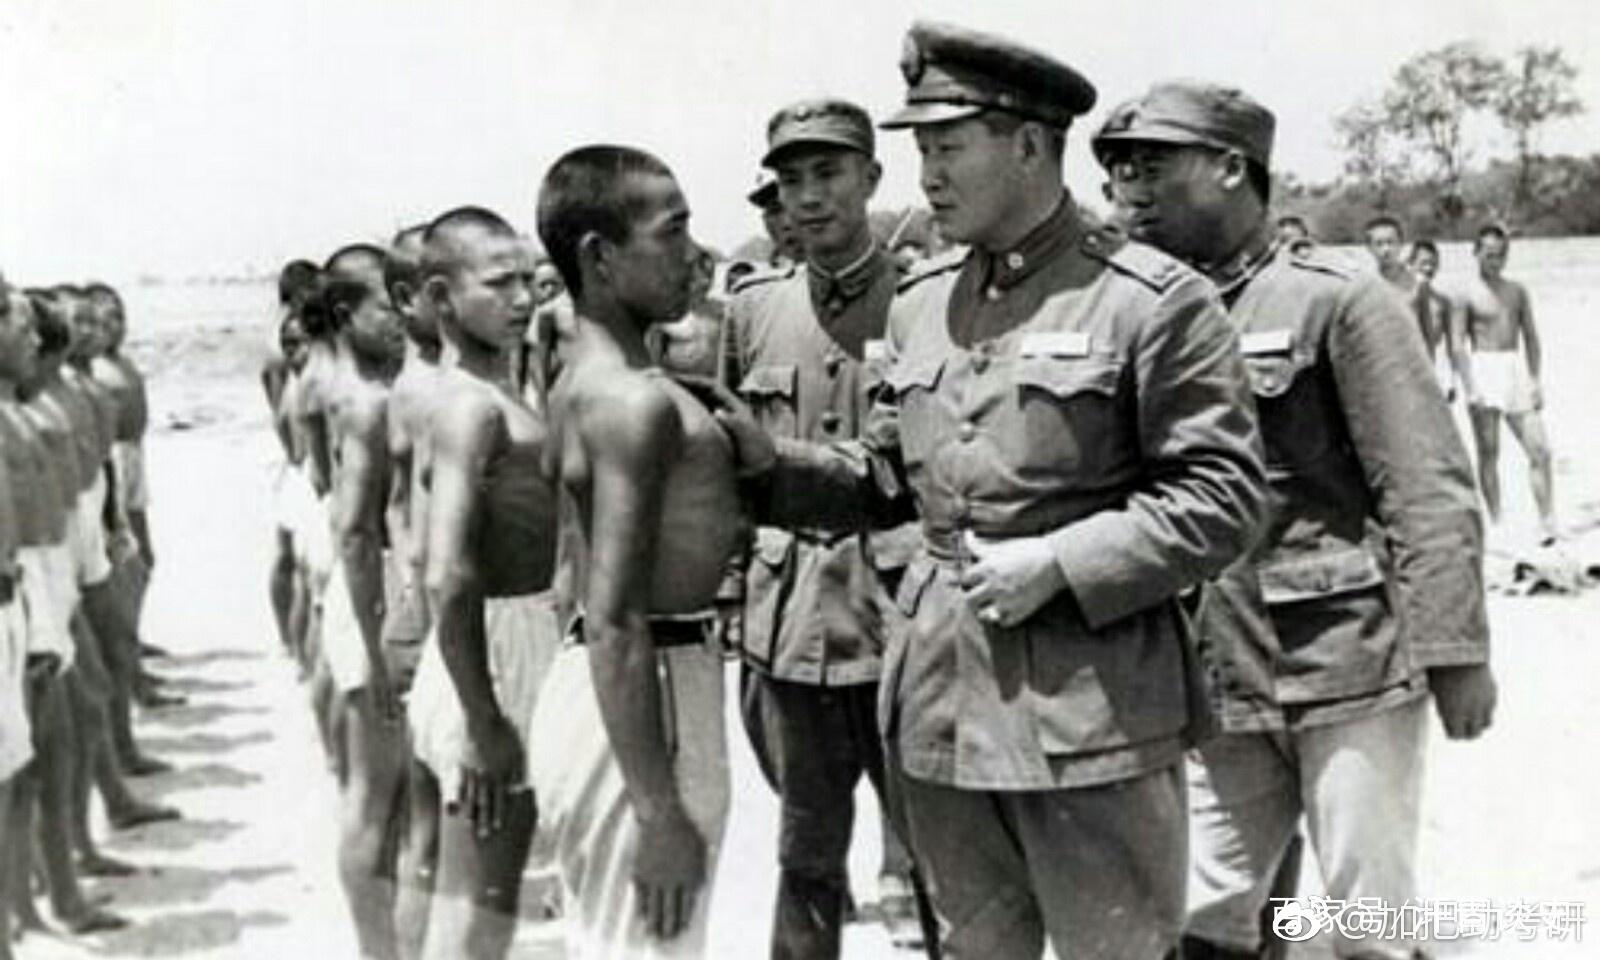 了南京大屠杀,气愤不已的孙立人将军,最终将这1200名日军俘虏全部活埋